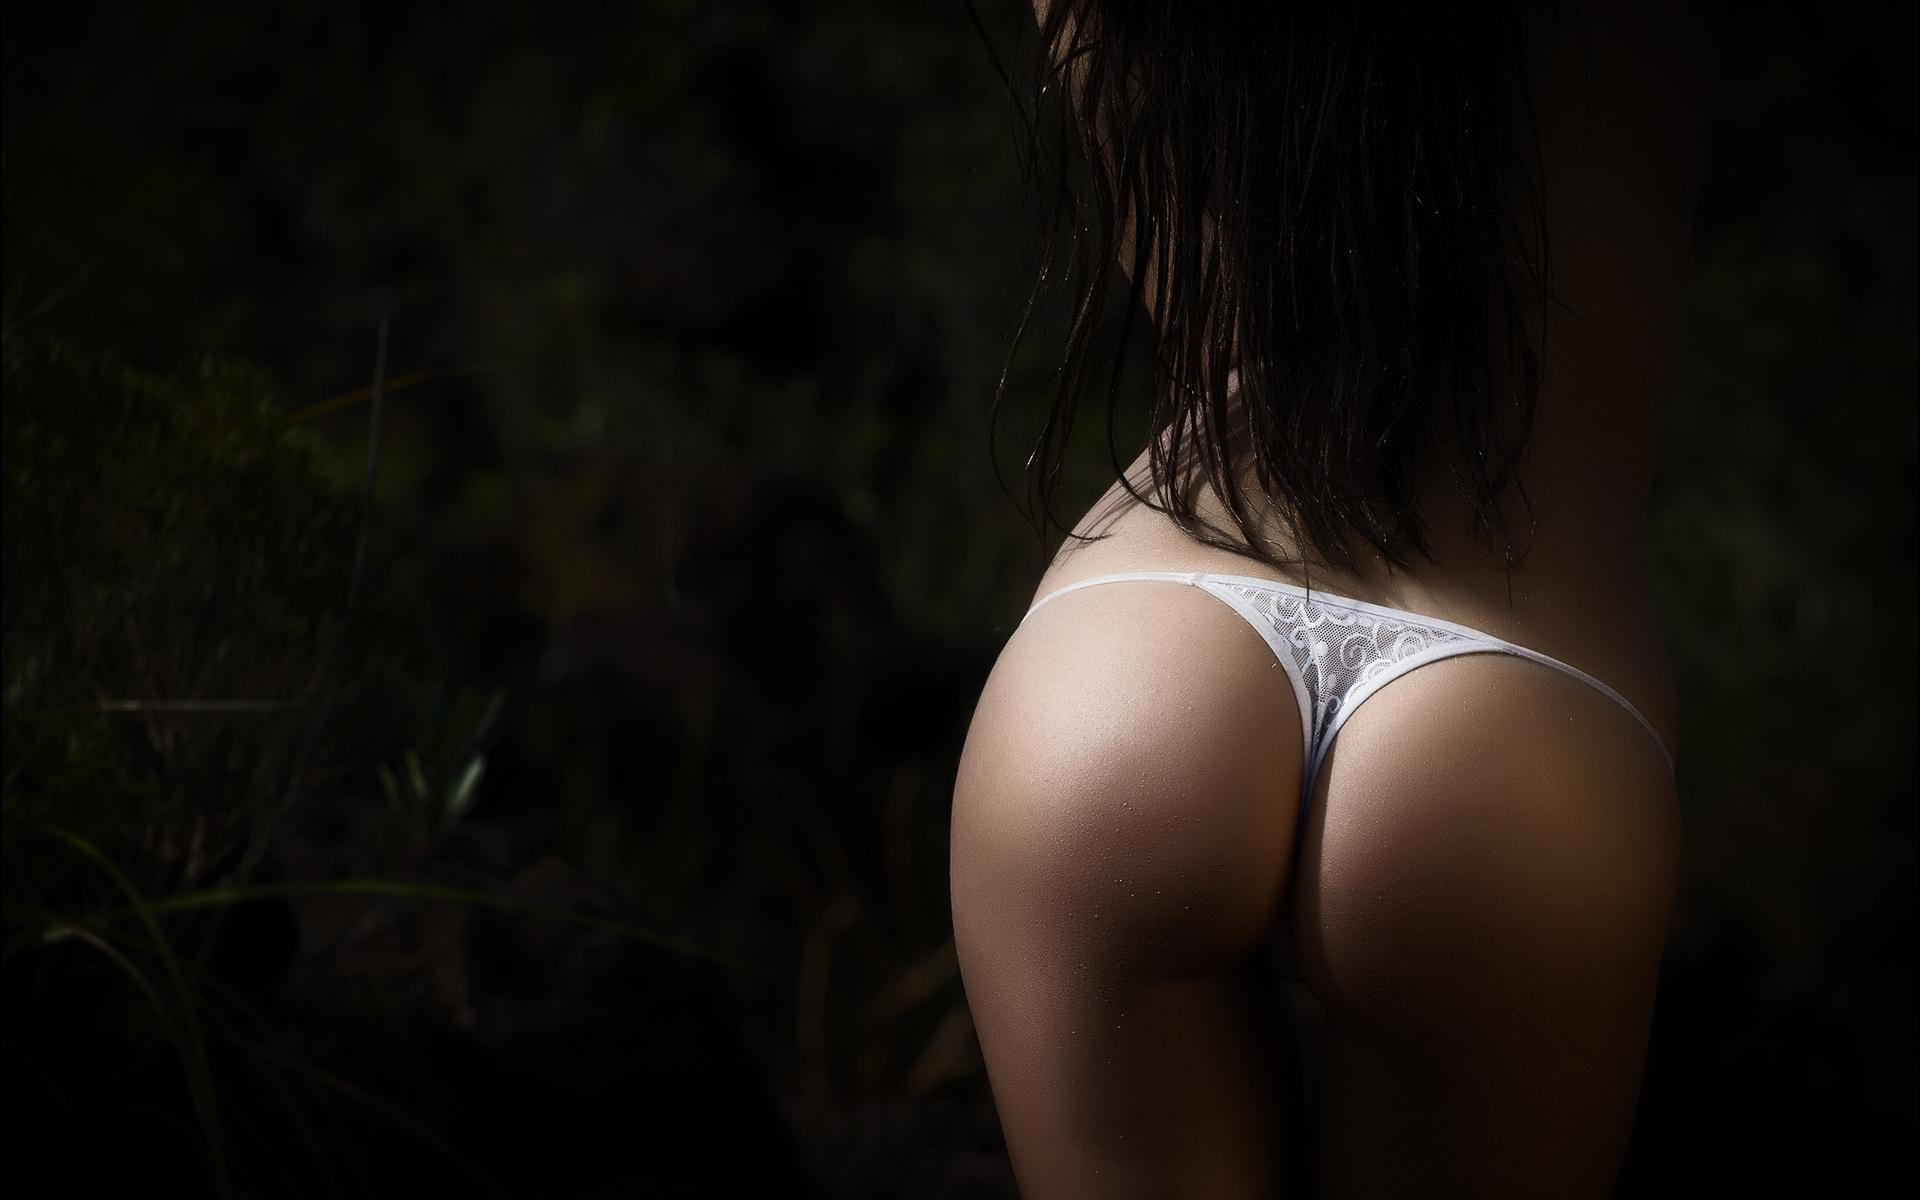 Фото телок черных стрингах, ленина пресли порно